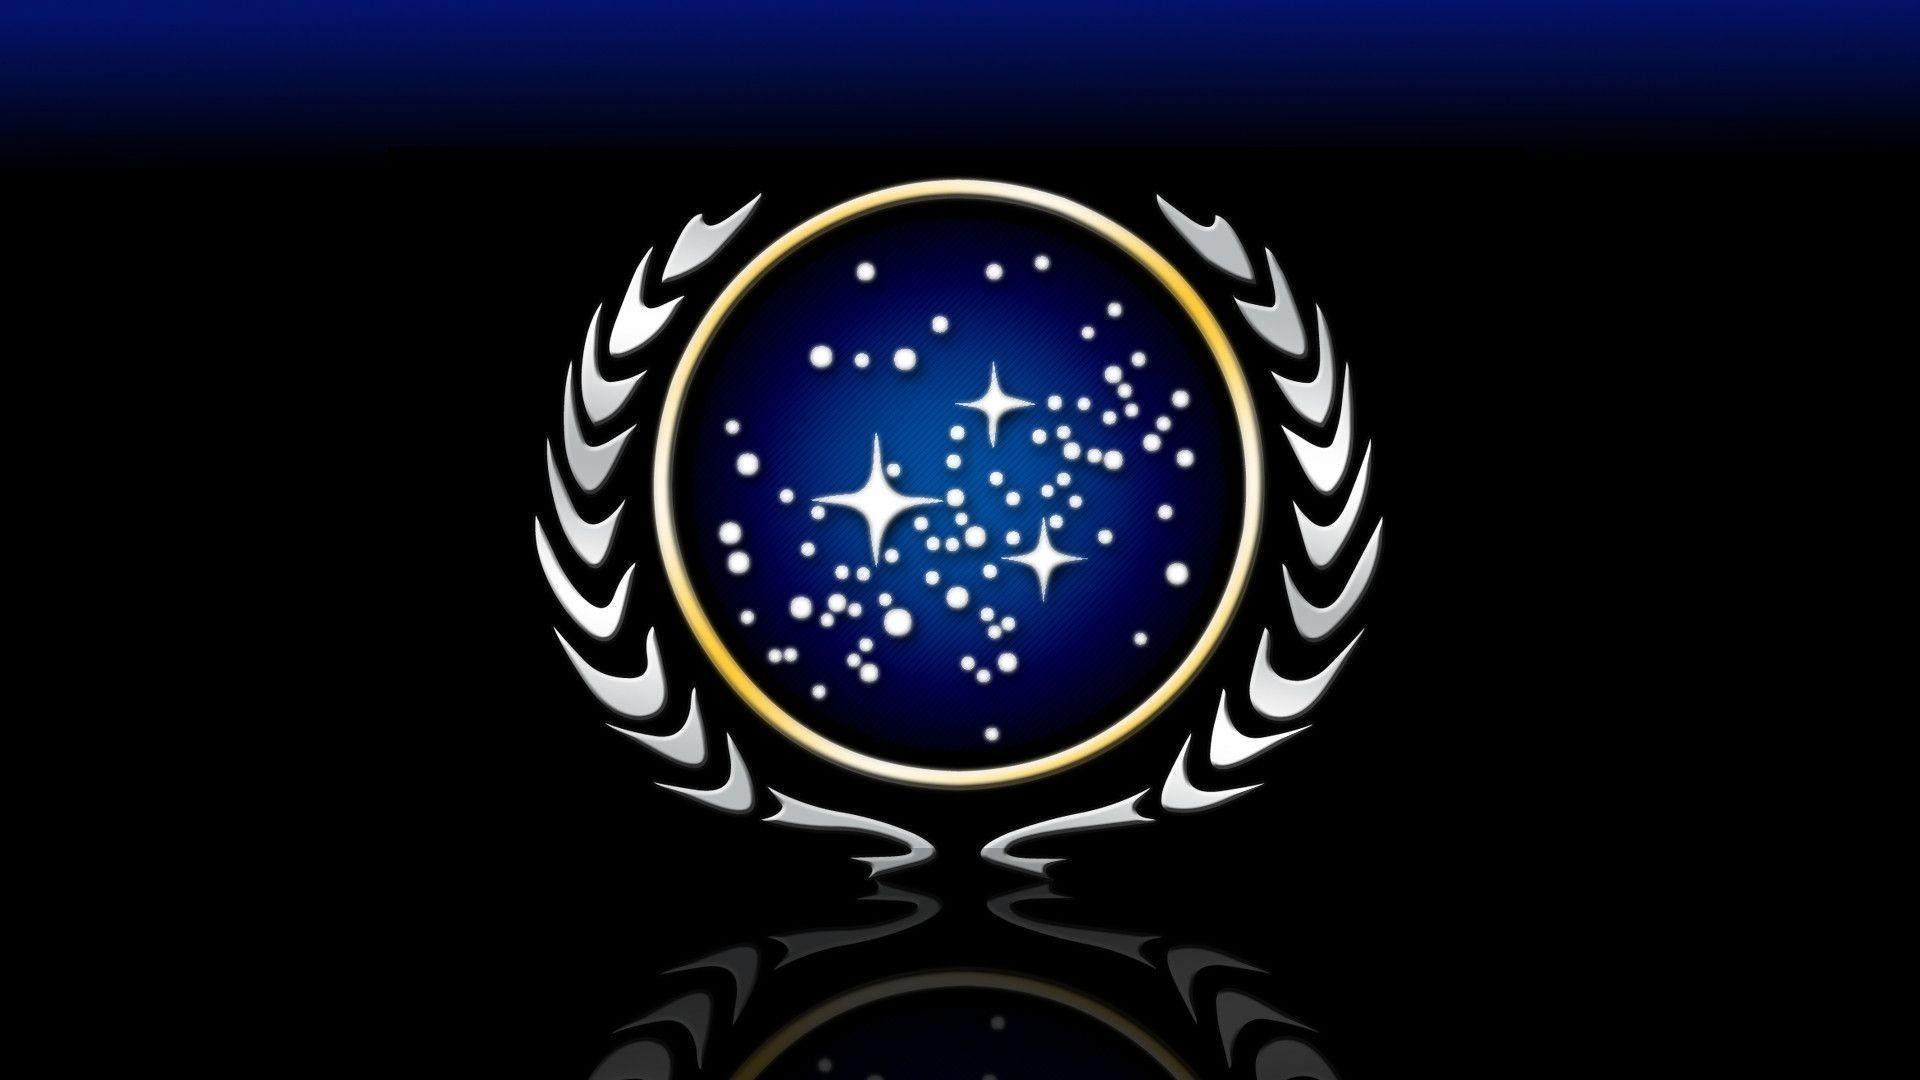 Star Trek Android Wallpaper